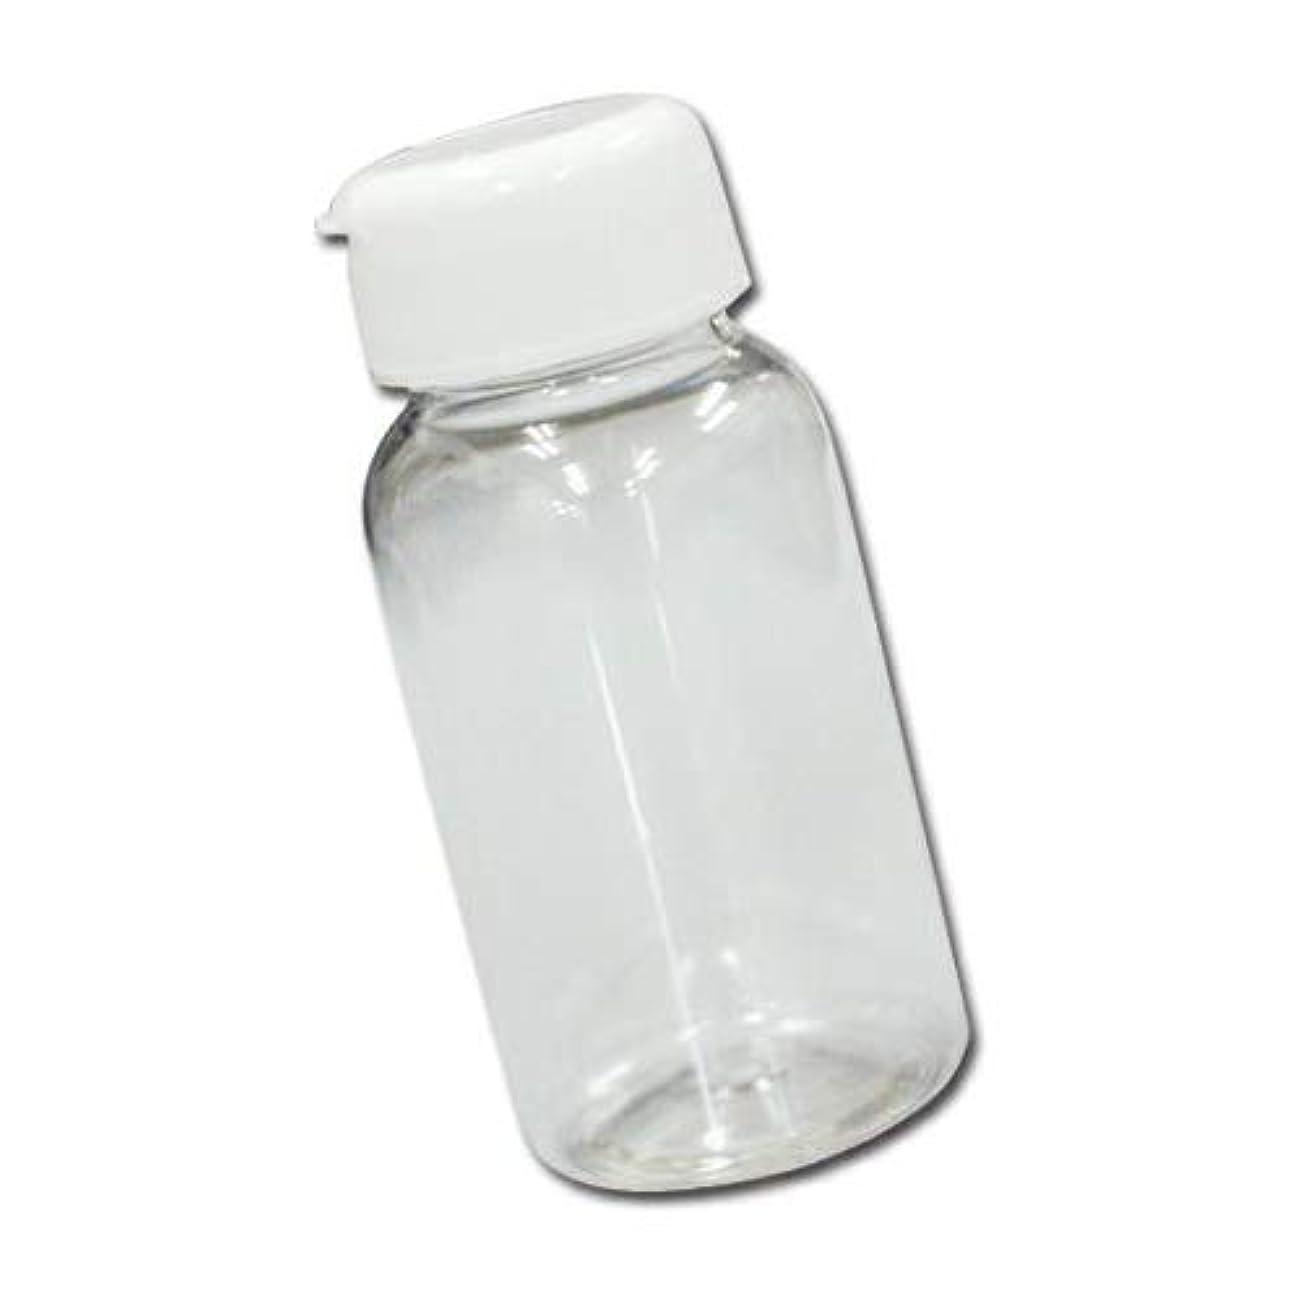 方言オデュッセウス大佐パウダー用詰め替え容器200mlボトル│業務用マッサージパウダーや調味料の小分けに最適な穴あき詰め替えボトル